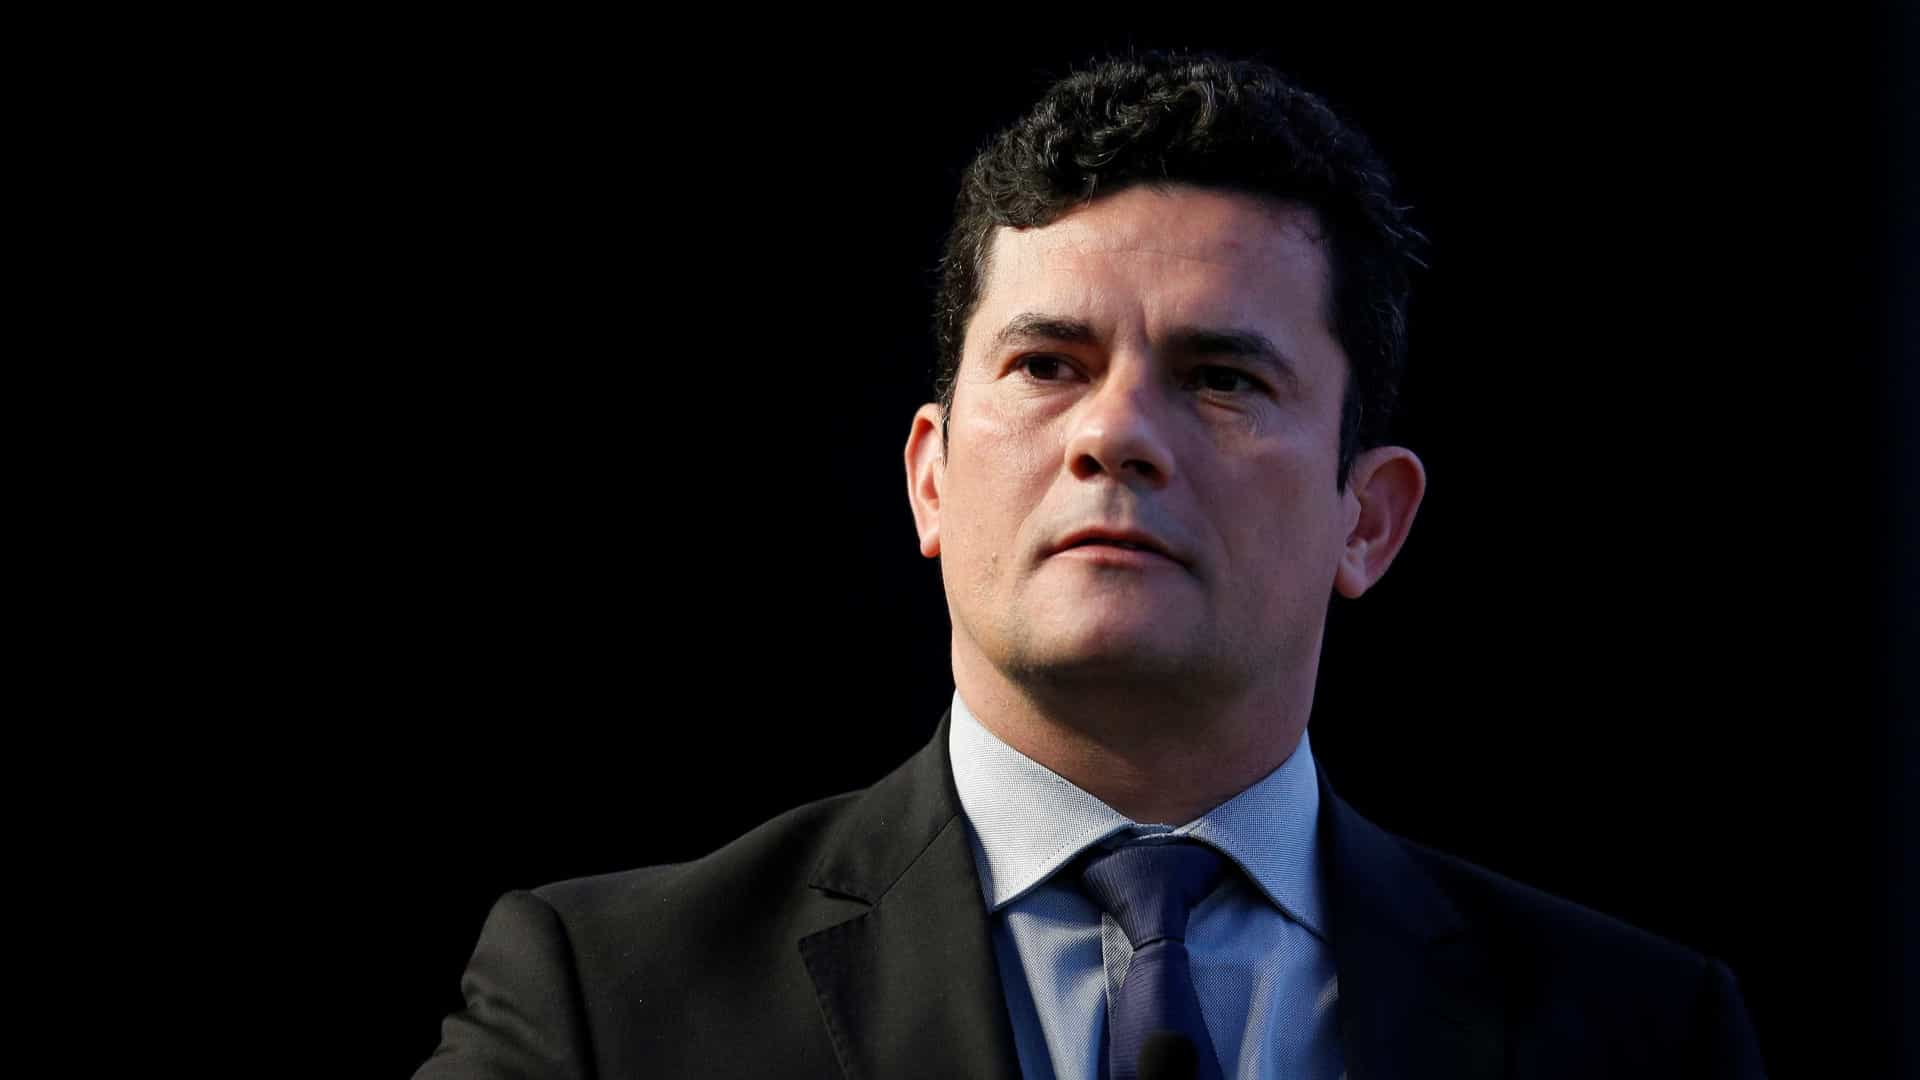 Moro já escolheu candidato à Presidência em 2018, diz coluna